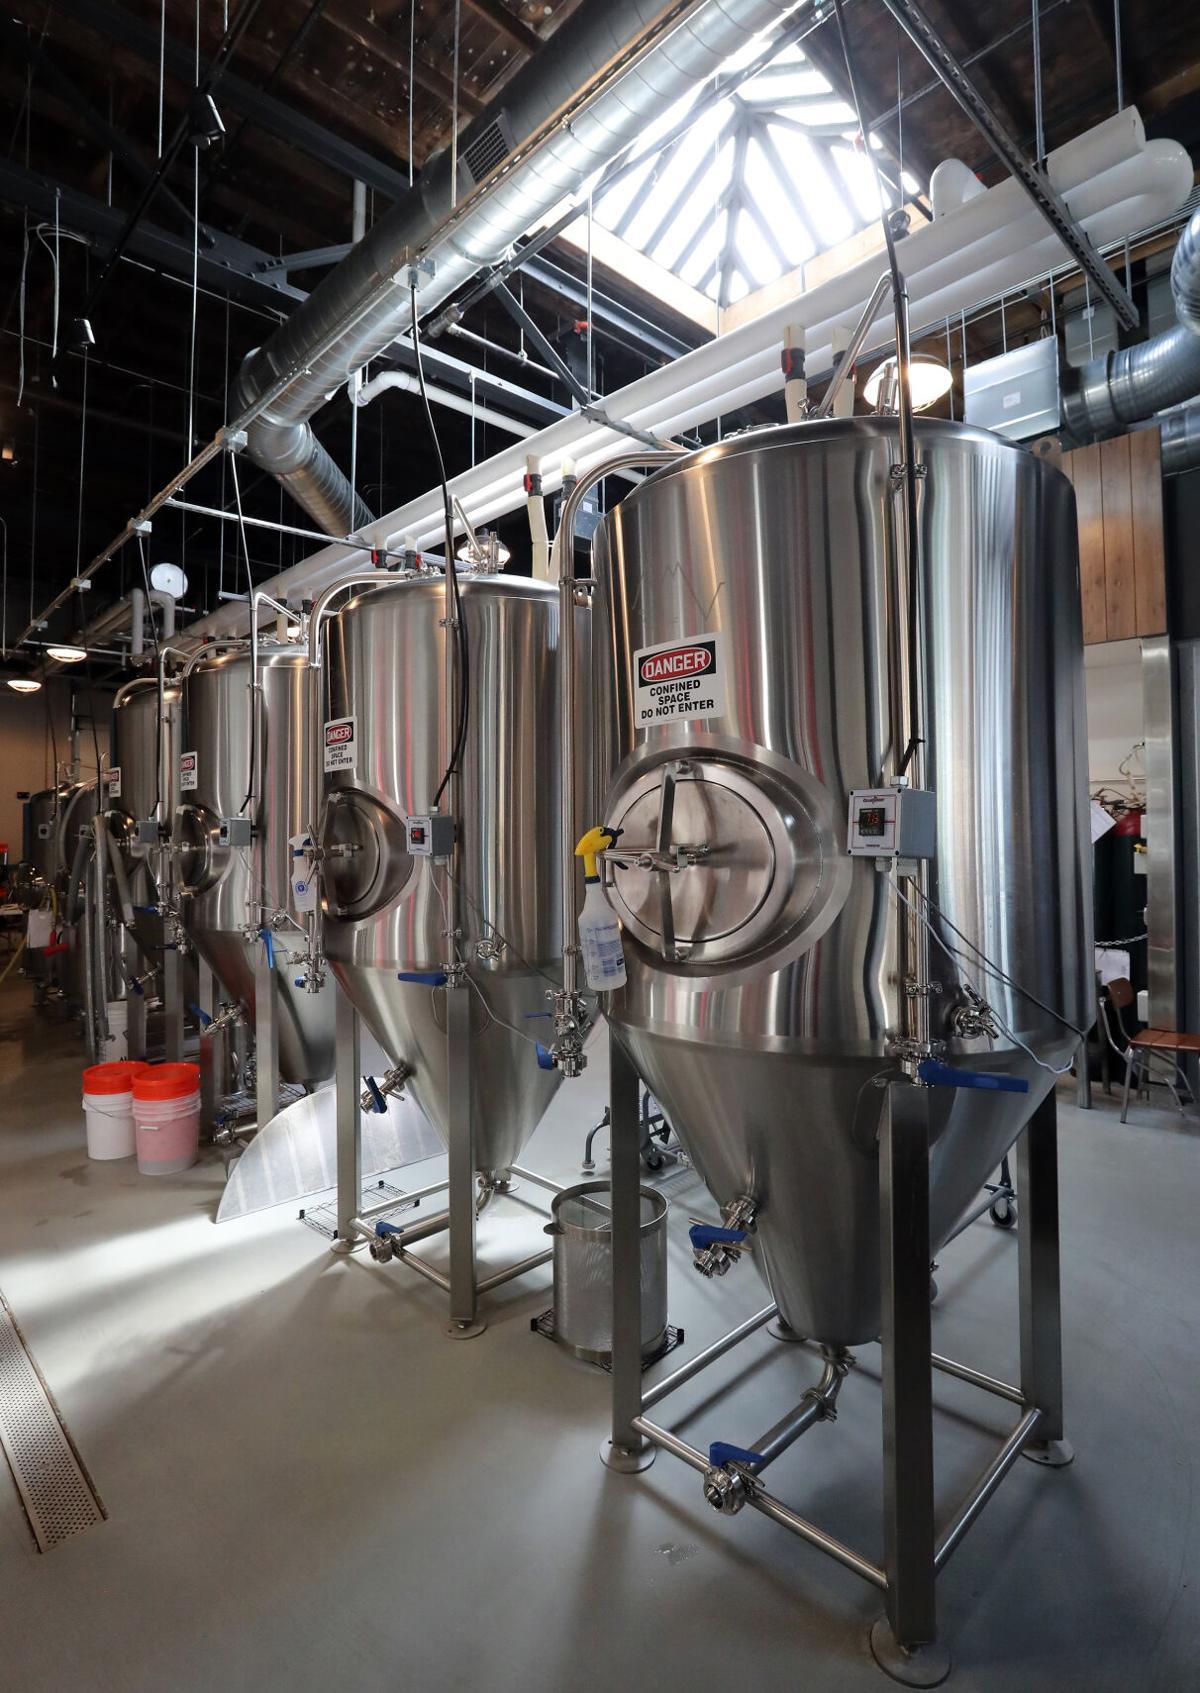 080120-Ramblebine Brewing1-CPT